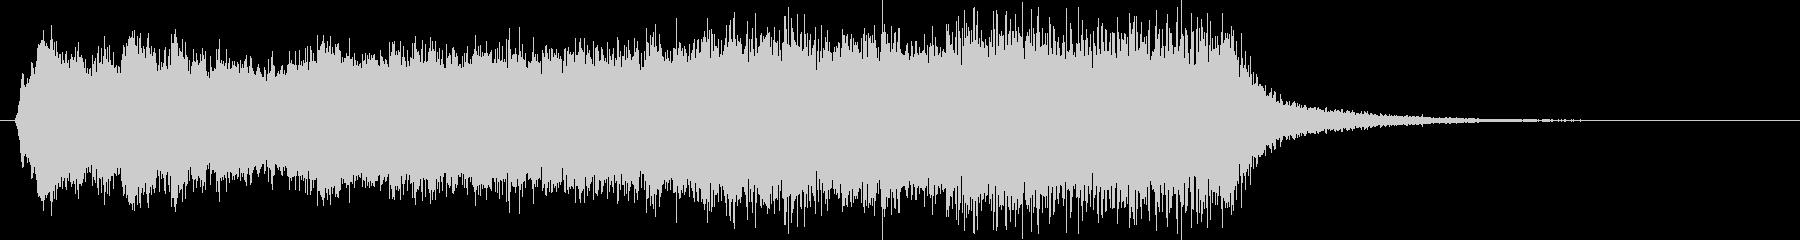 機械 レーシングカーシンセ04の未再生の波形